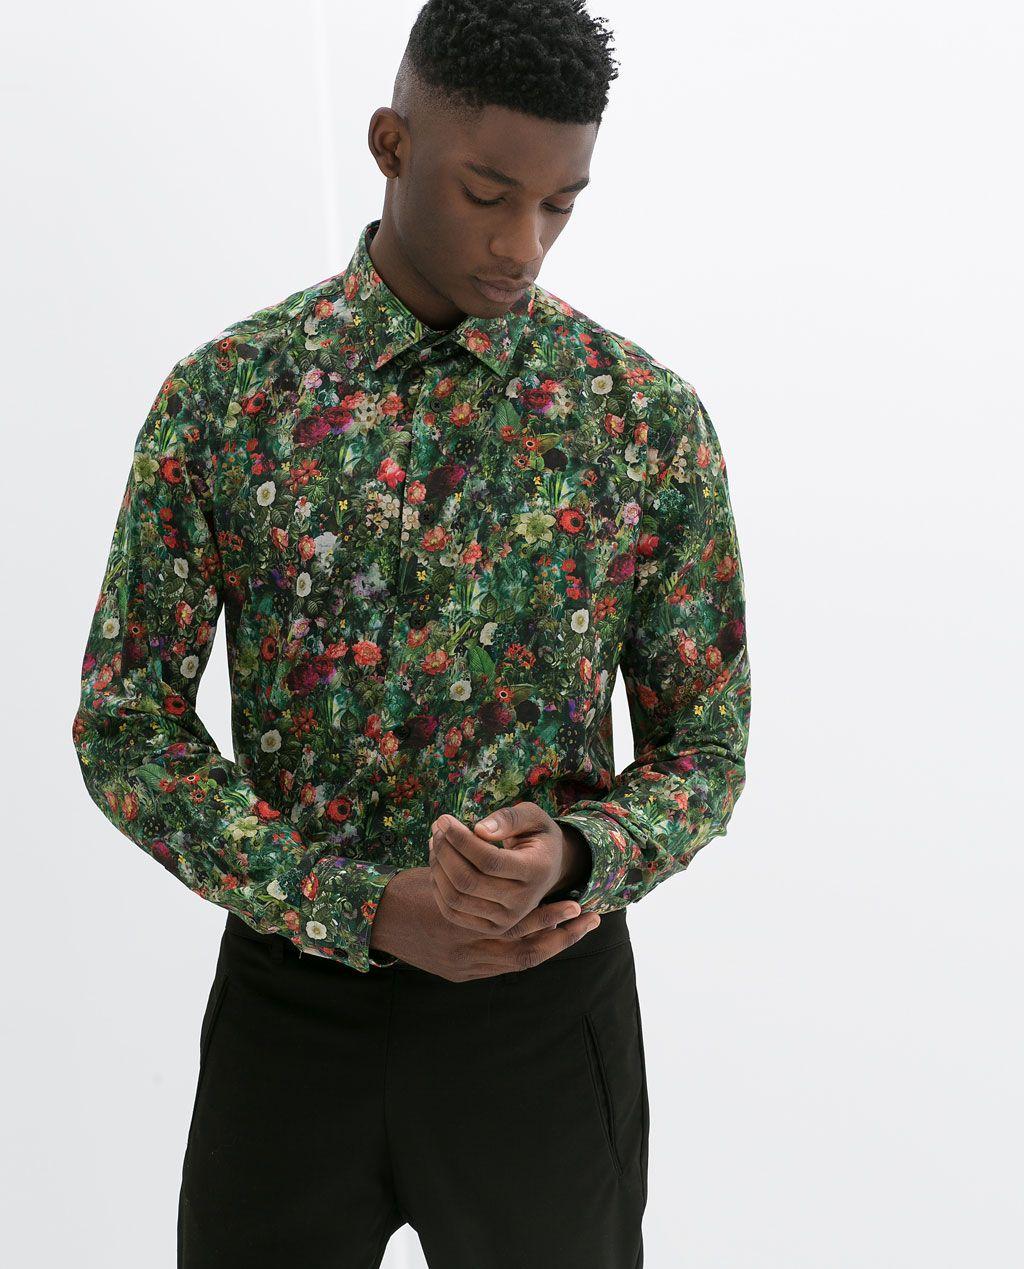 ZARA HOMBRE CAMISA ESTAMPADO SLIM FIT   Camisas estampadas